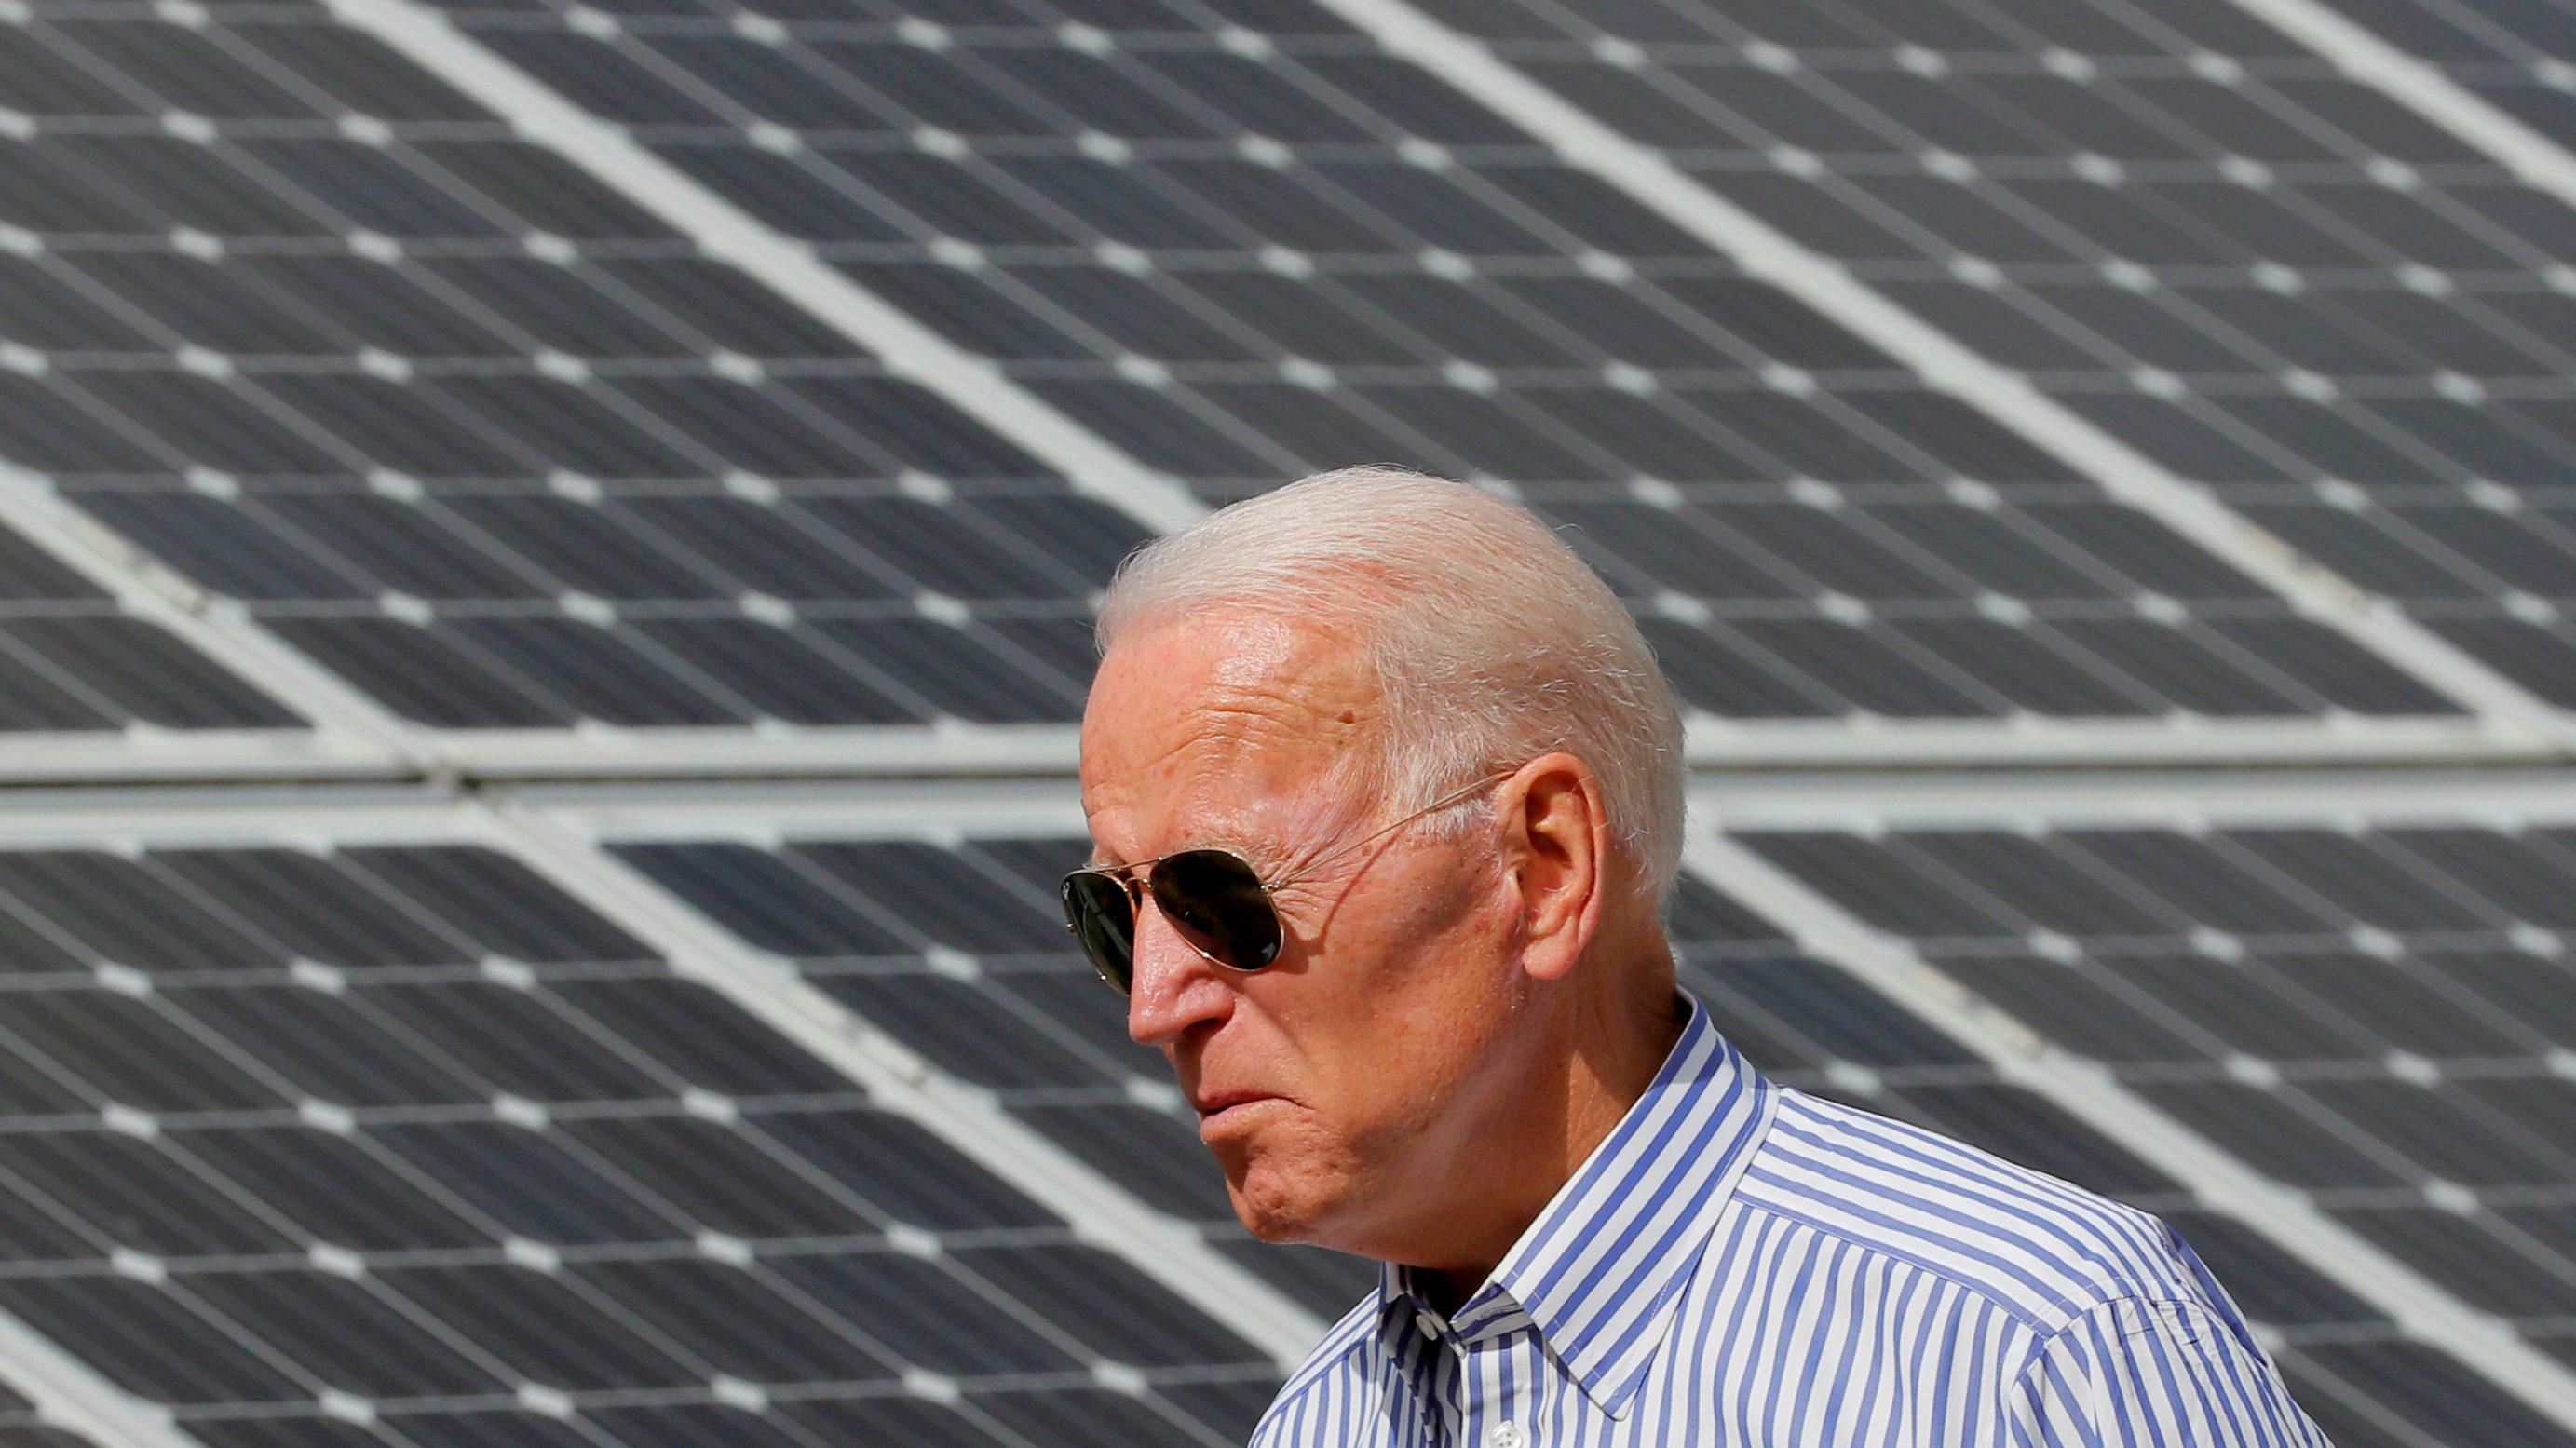 Joe Biden is working on climate change.